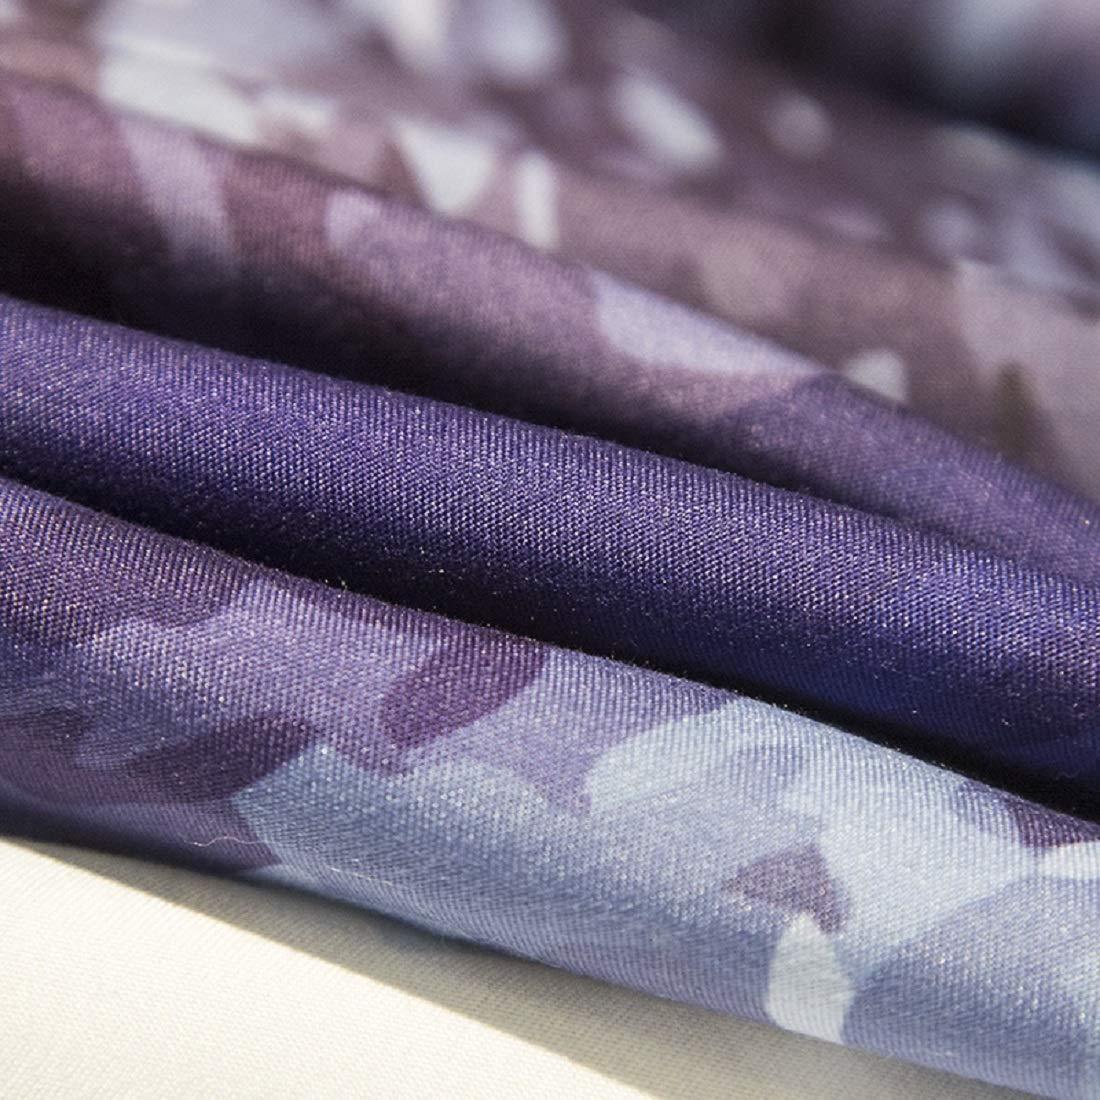 jibuteng Home Textiles espacio - Juego de funda de edredón de gato ...